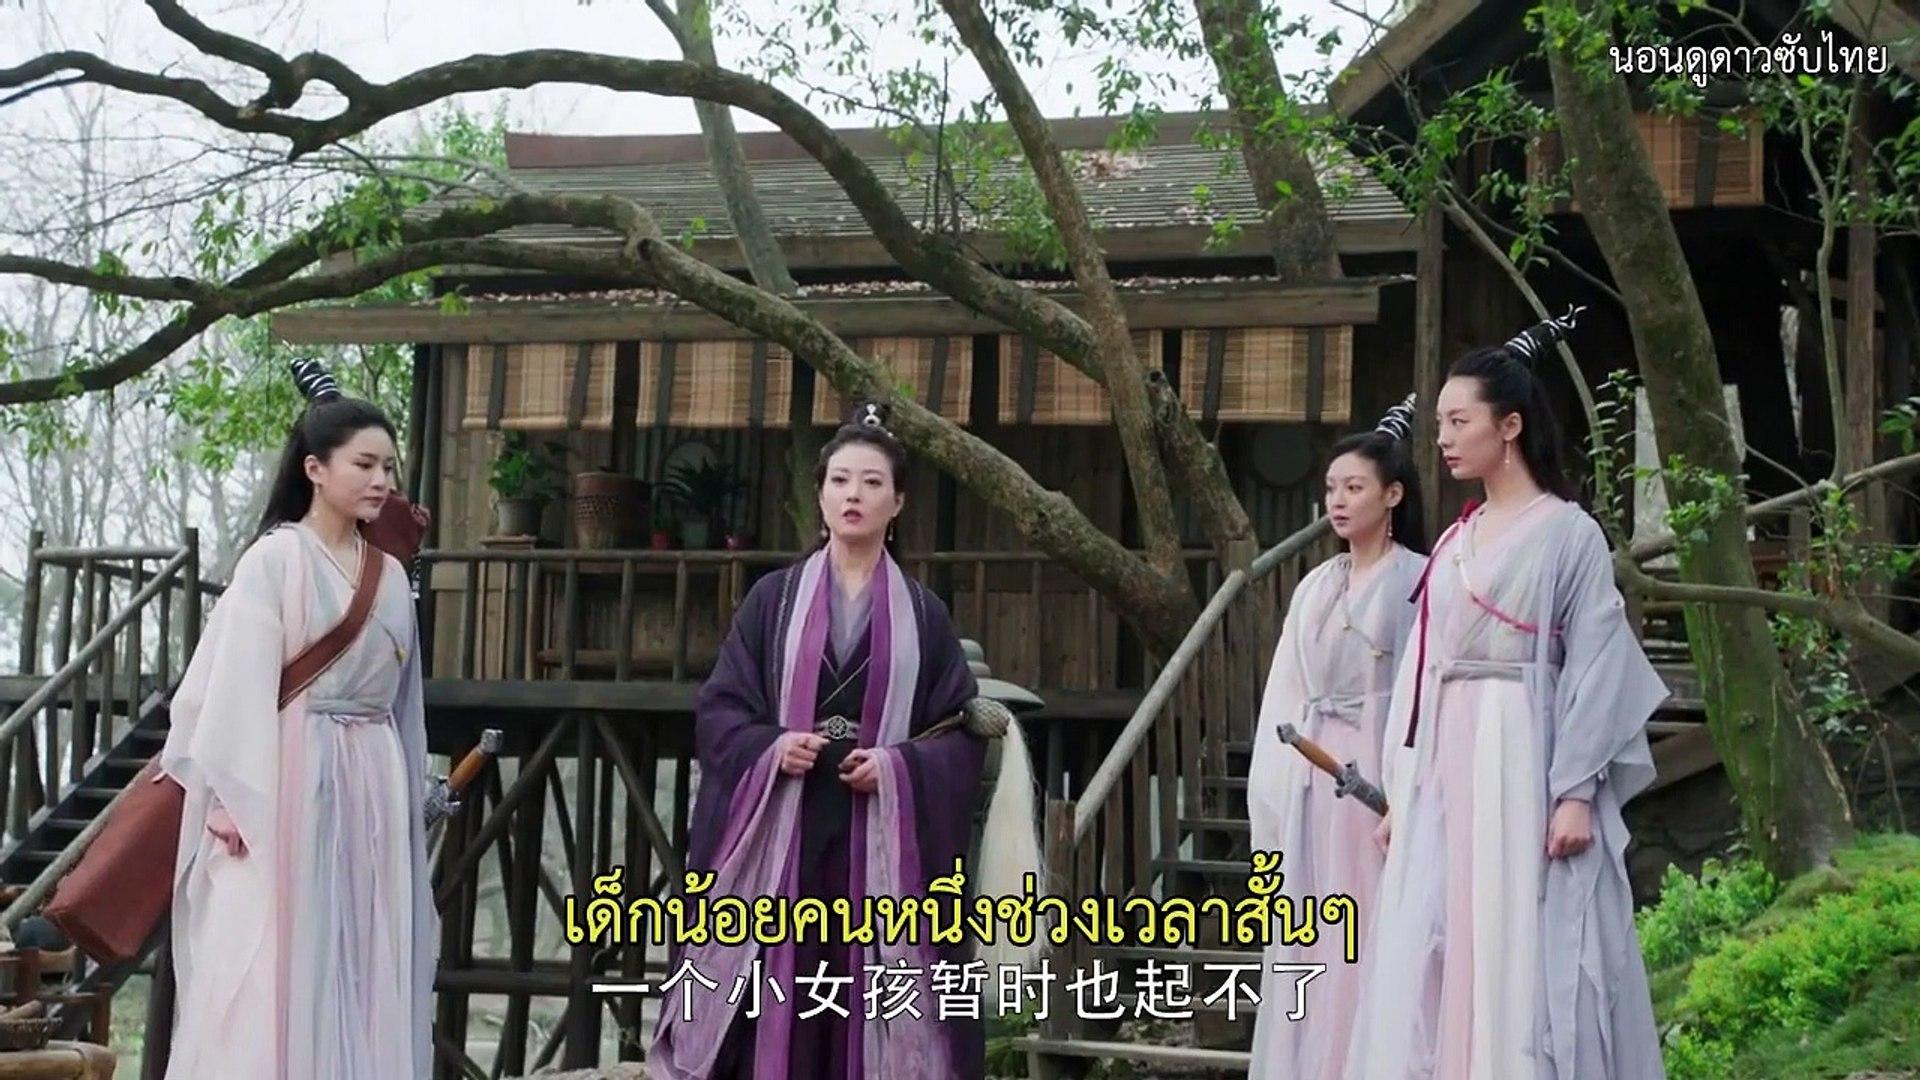 ดาบมังกรหยก2019 ซับไทย ตอนที่ 12